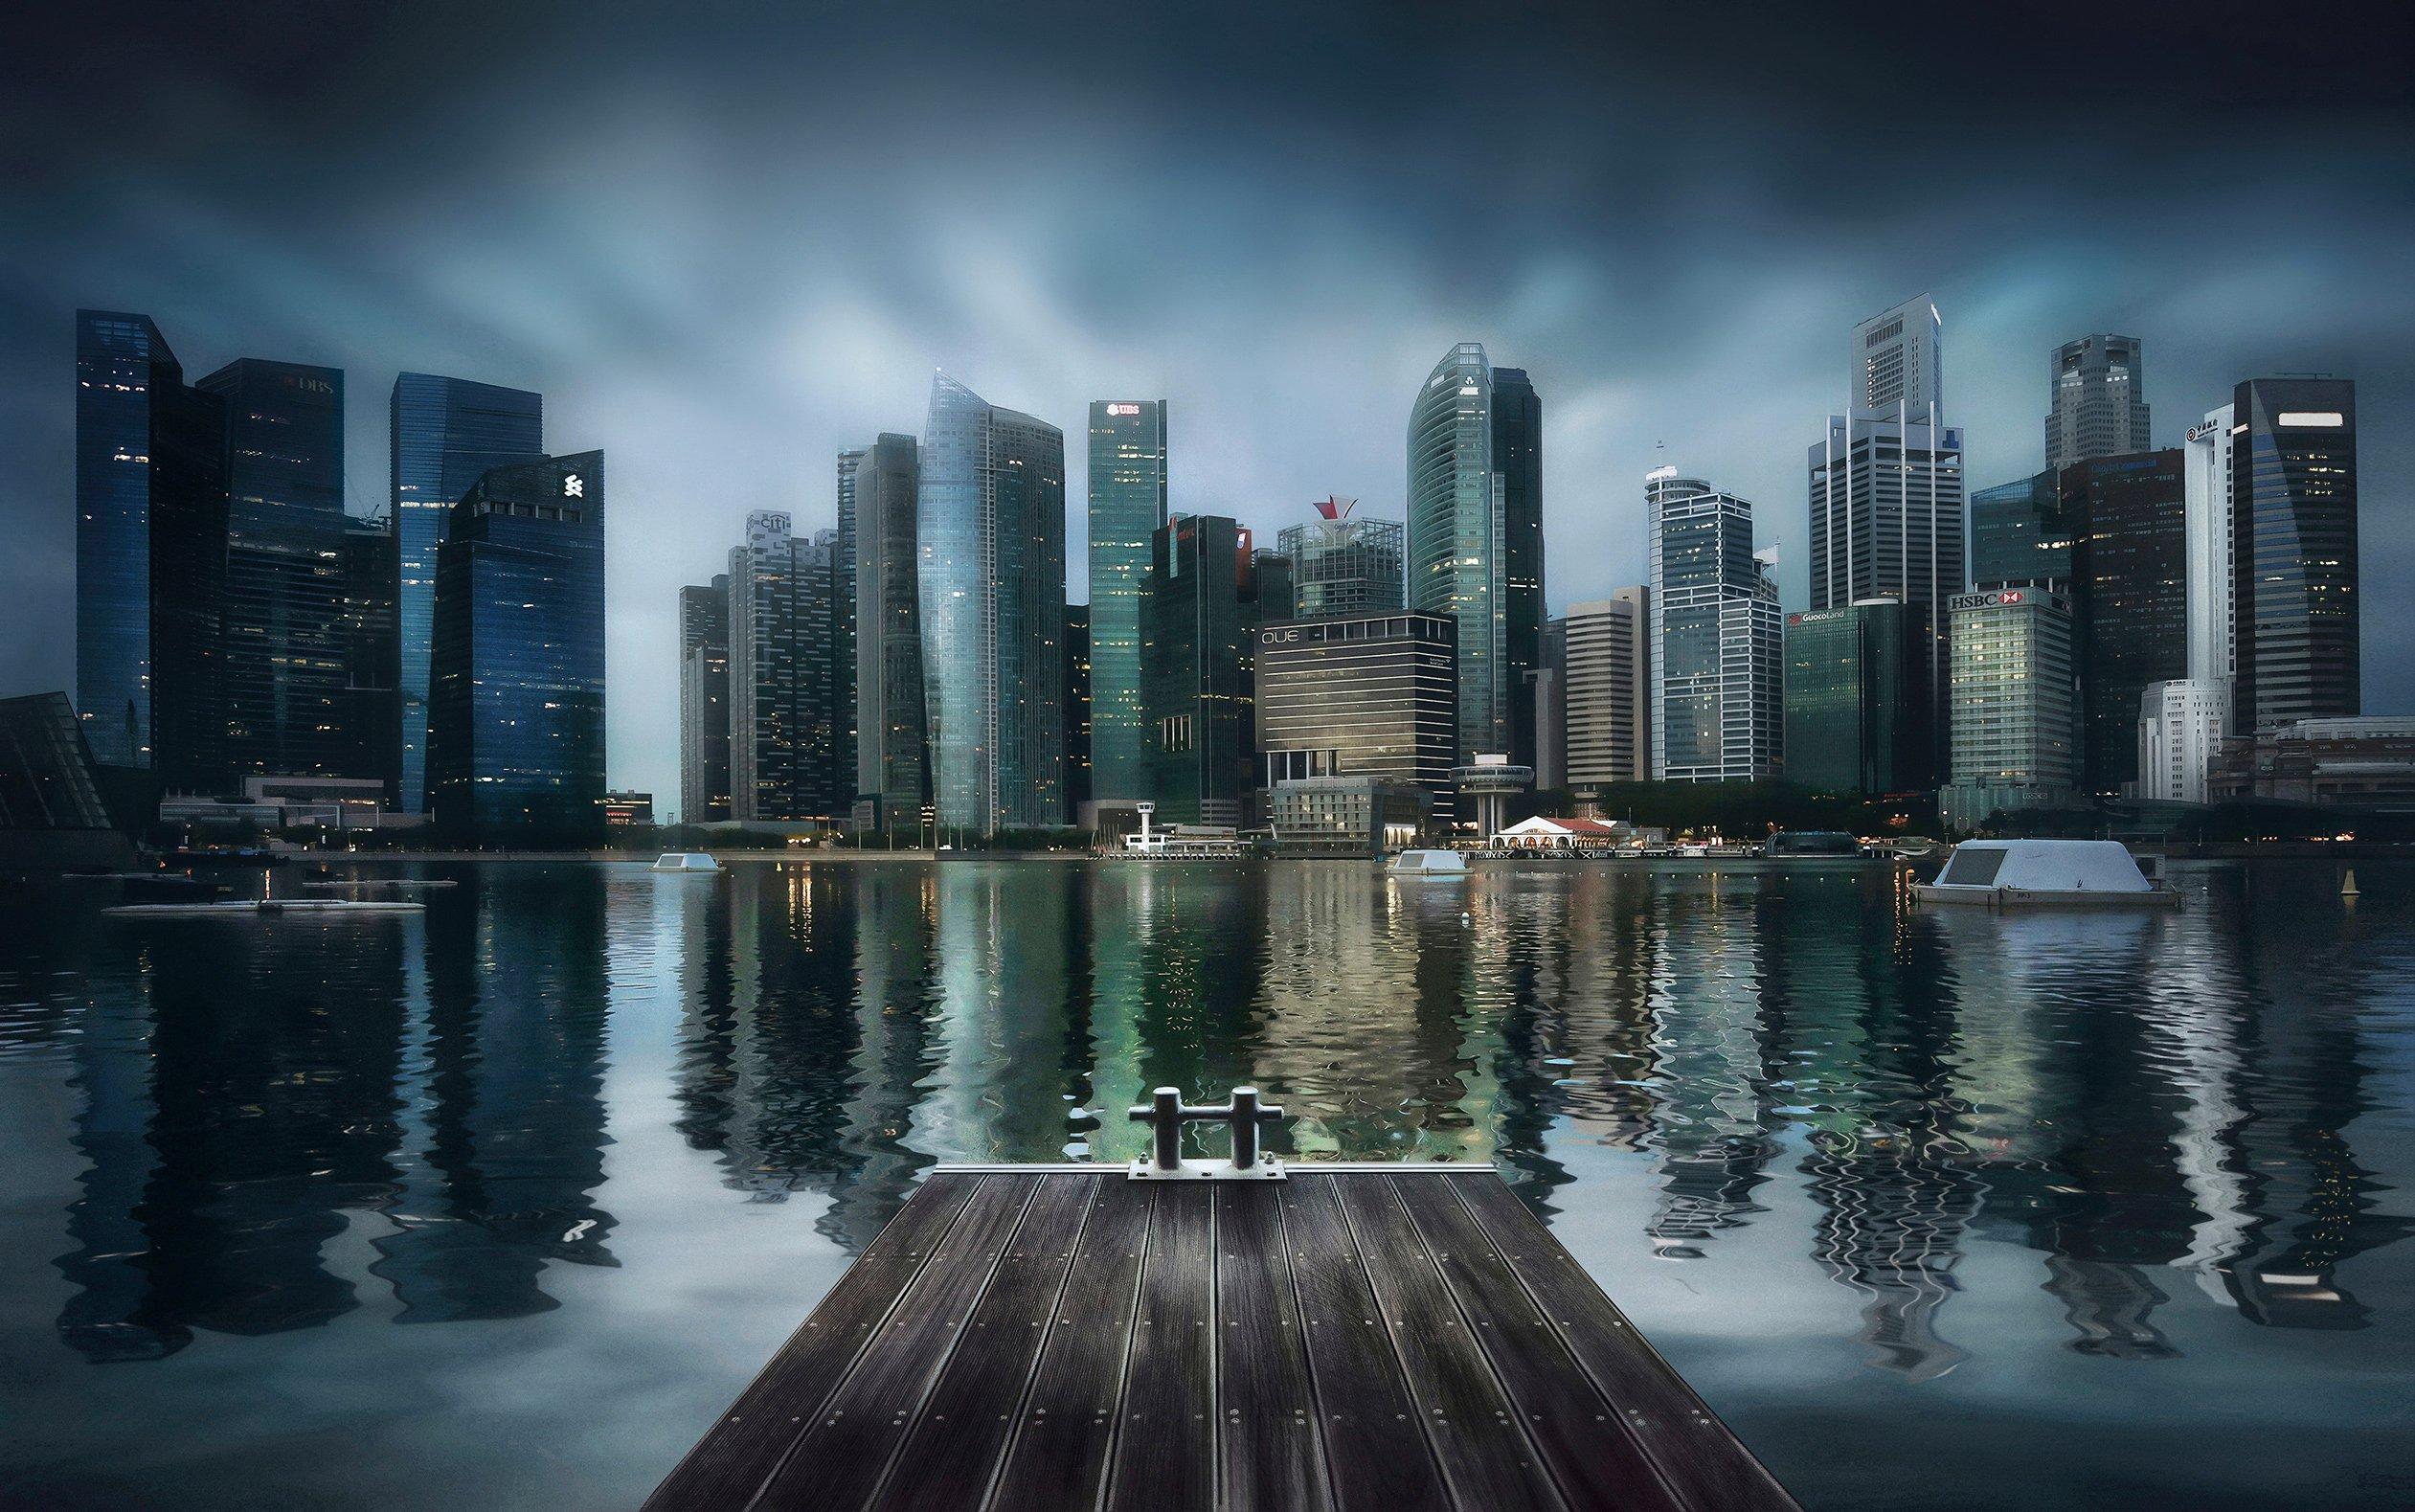 город, архитектура, небоскребы, пирс, залив, азия, сингапур, мегаполис, Алексей Ермаков